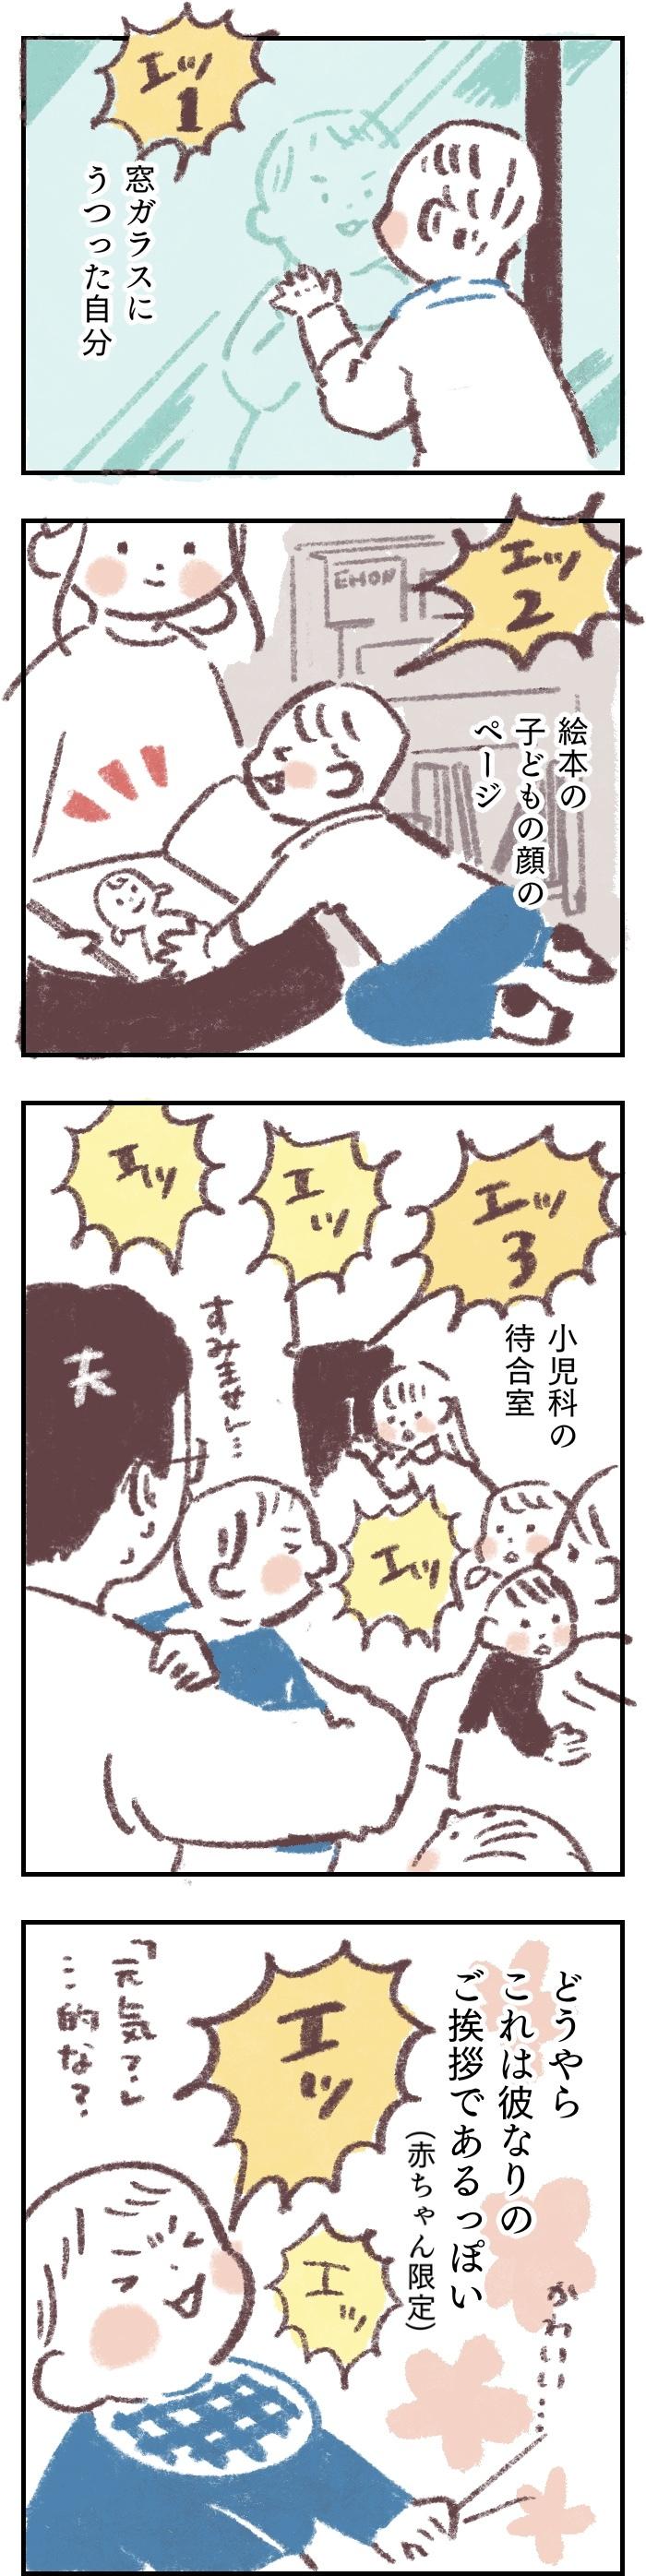 おむつ売り場で事件…!赤ちゃんが全力で「エッ」と叫んだワケの画像2